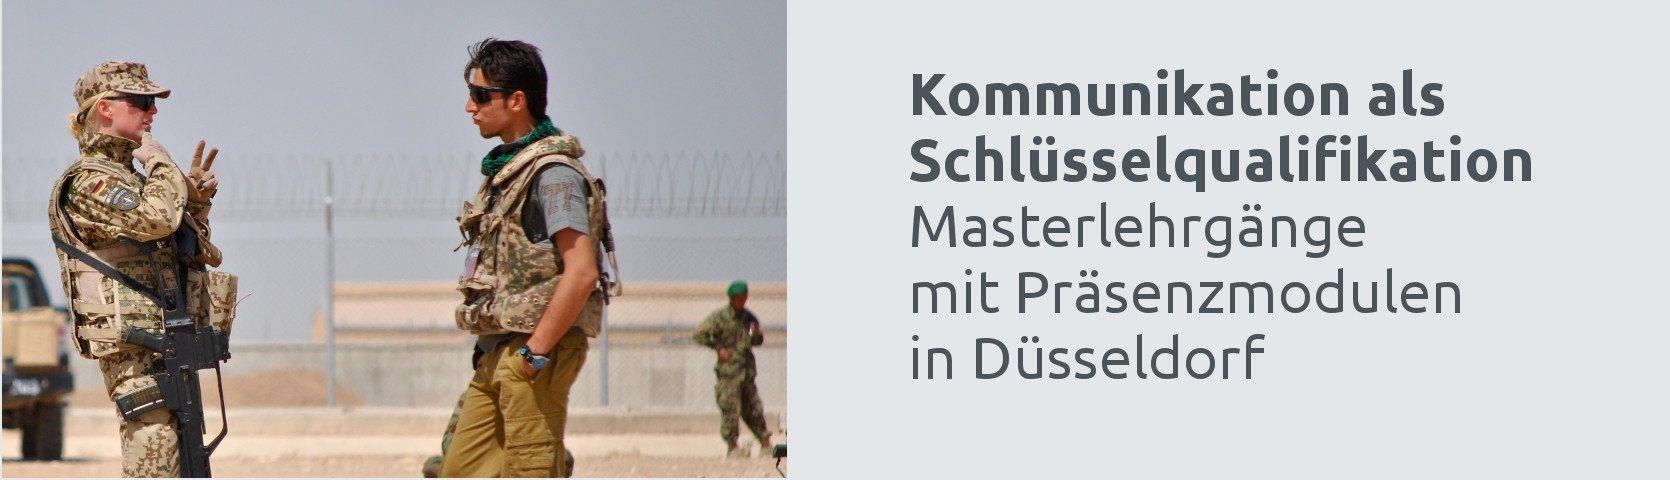 DAPR Deutsche Akademie für Public Relations GmbH